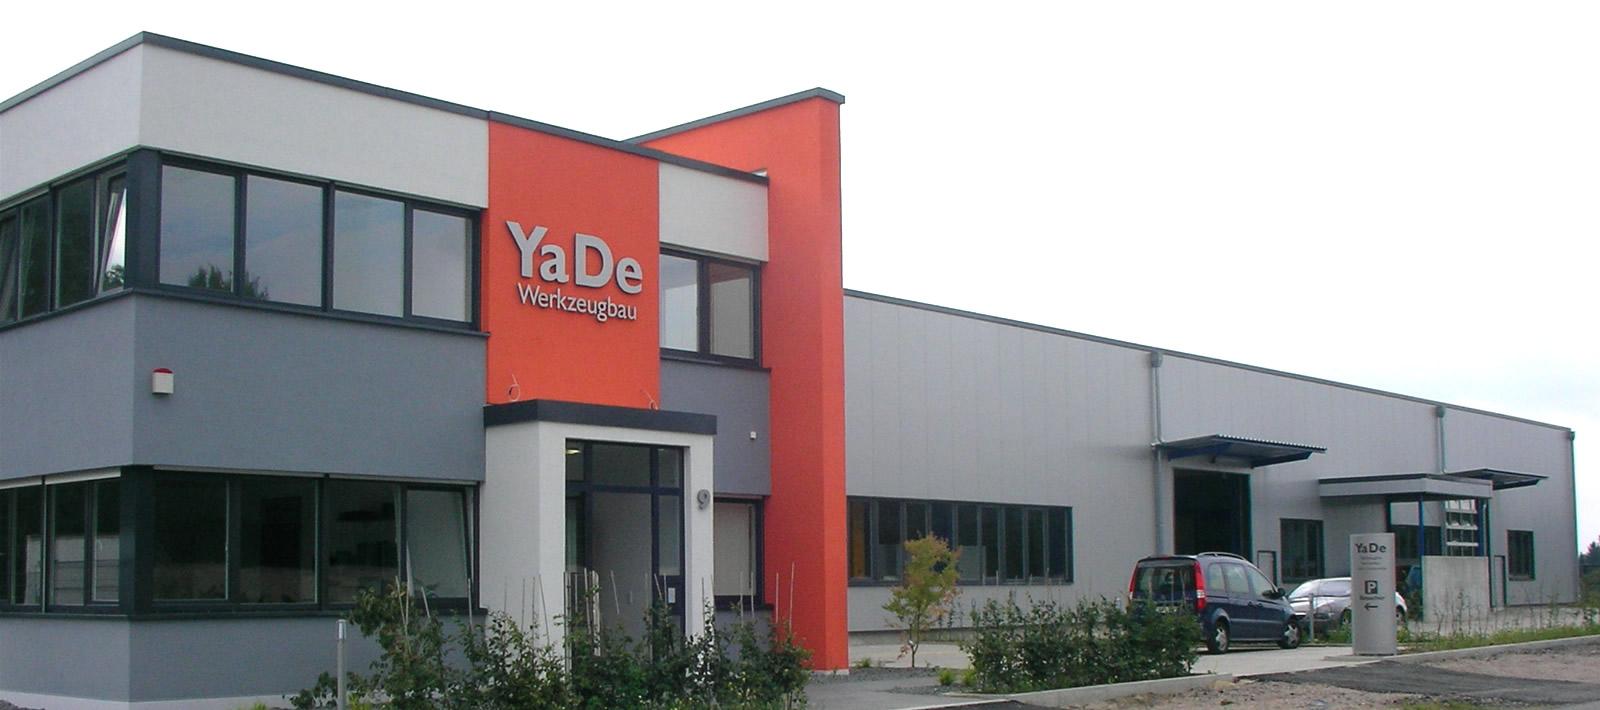 Yade_Firma_Gebaude